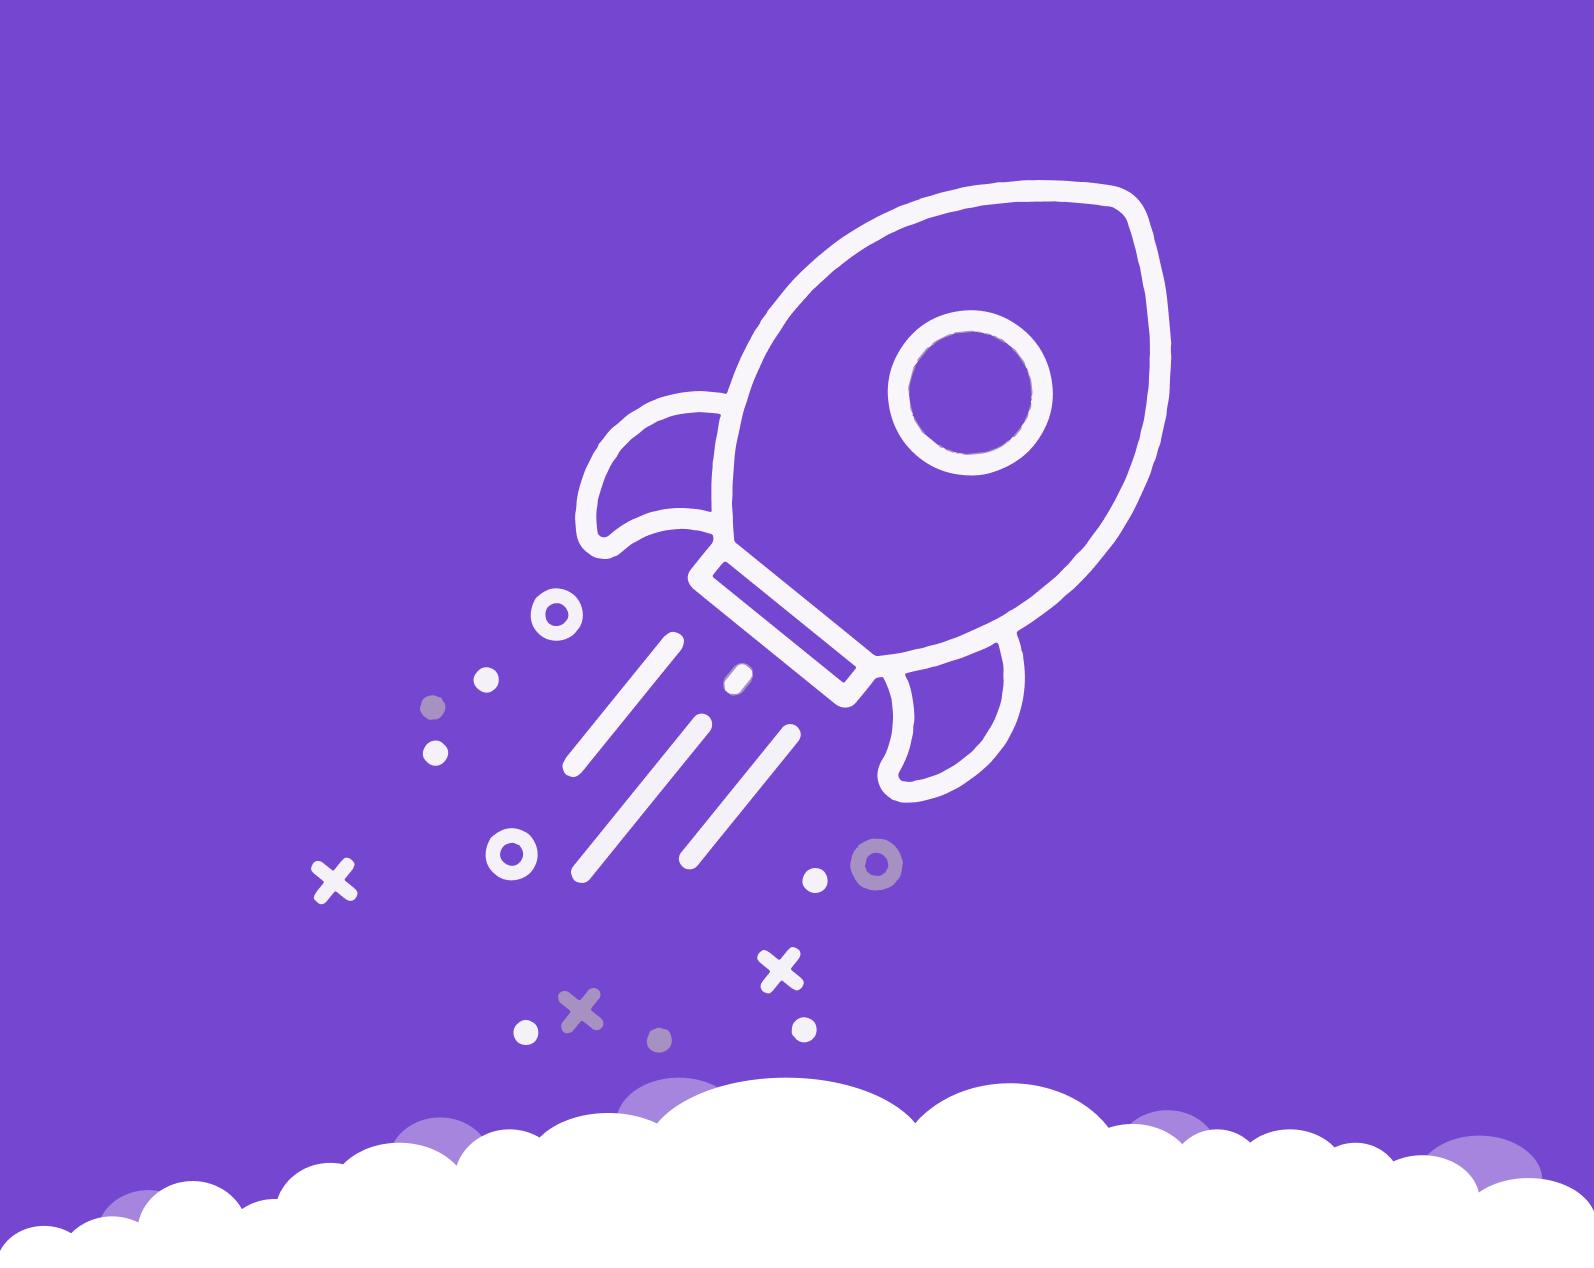 aspireship rocket